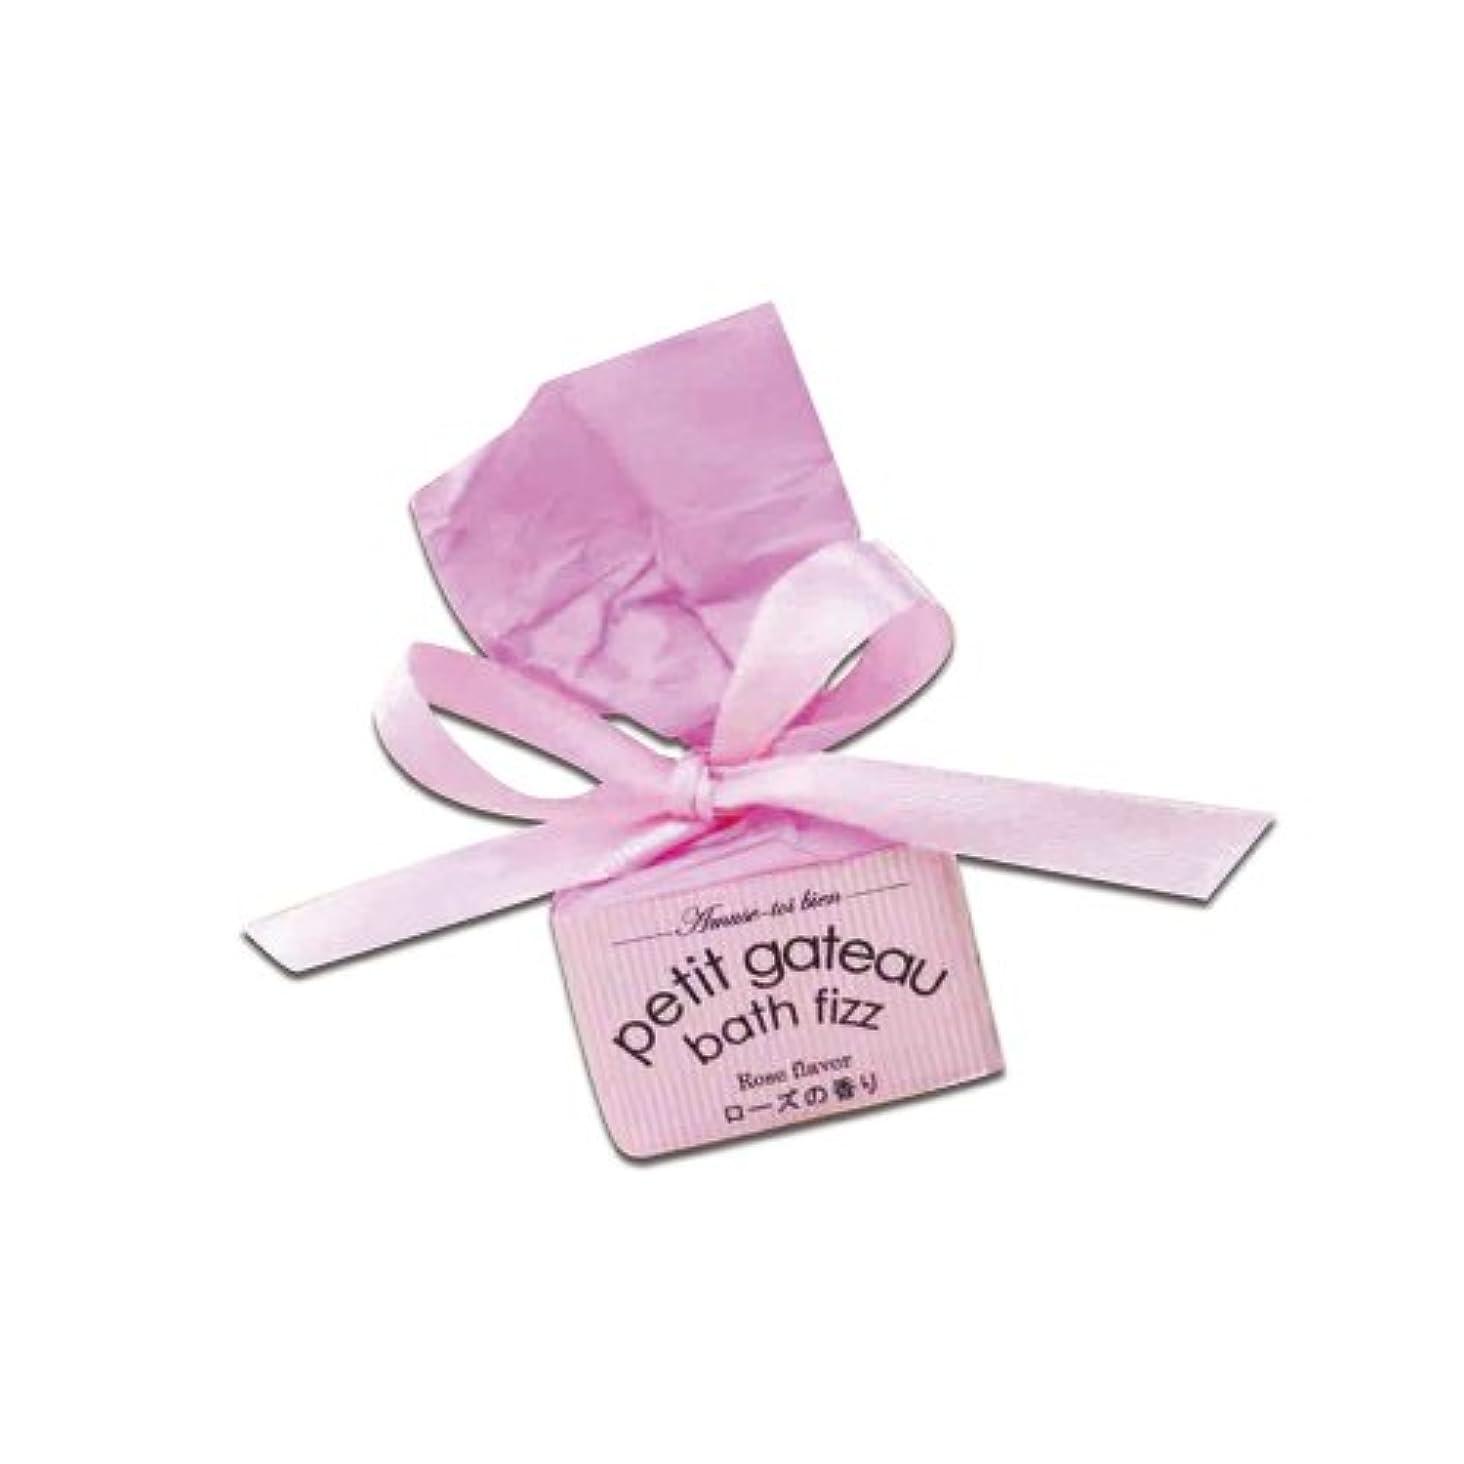 パラナ川東ティモールリア王プチガトーバスフィザー ローズの香り 12個セット